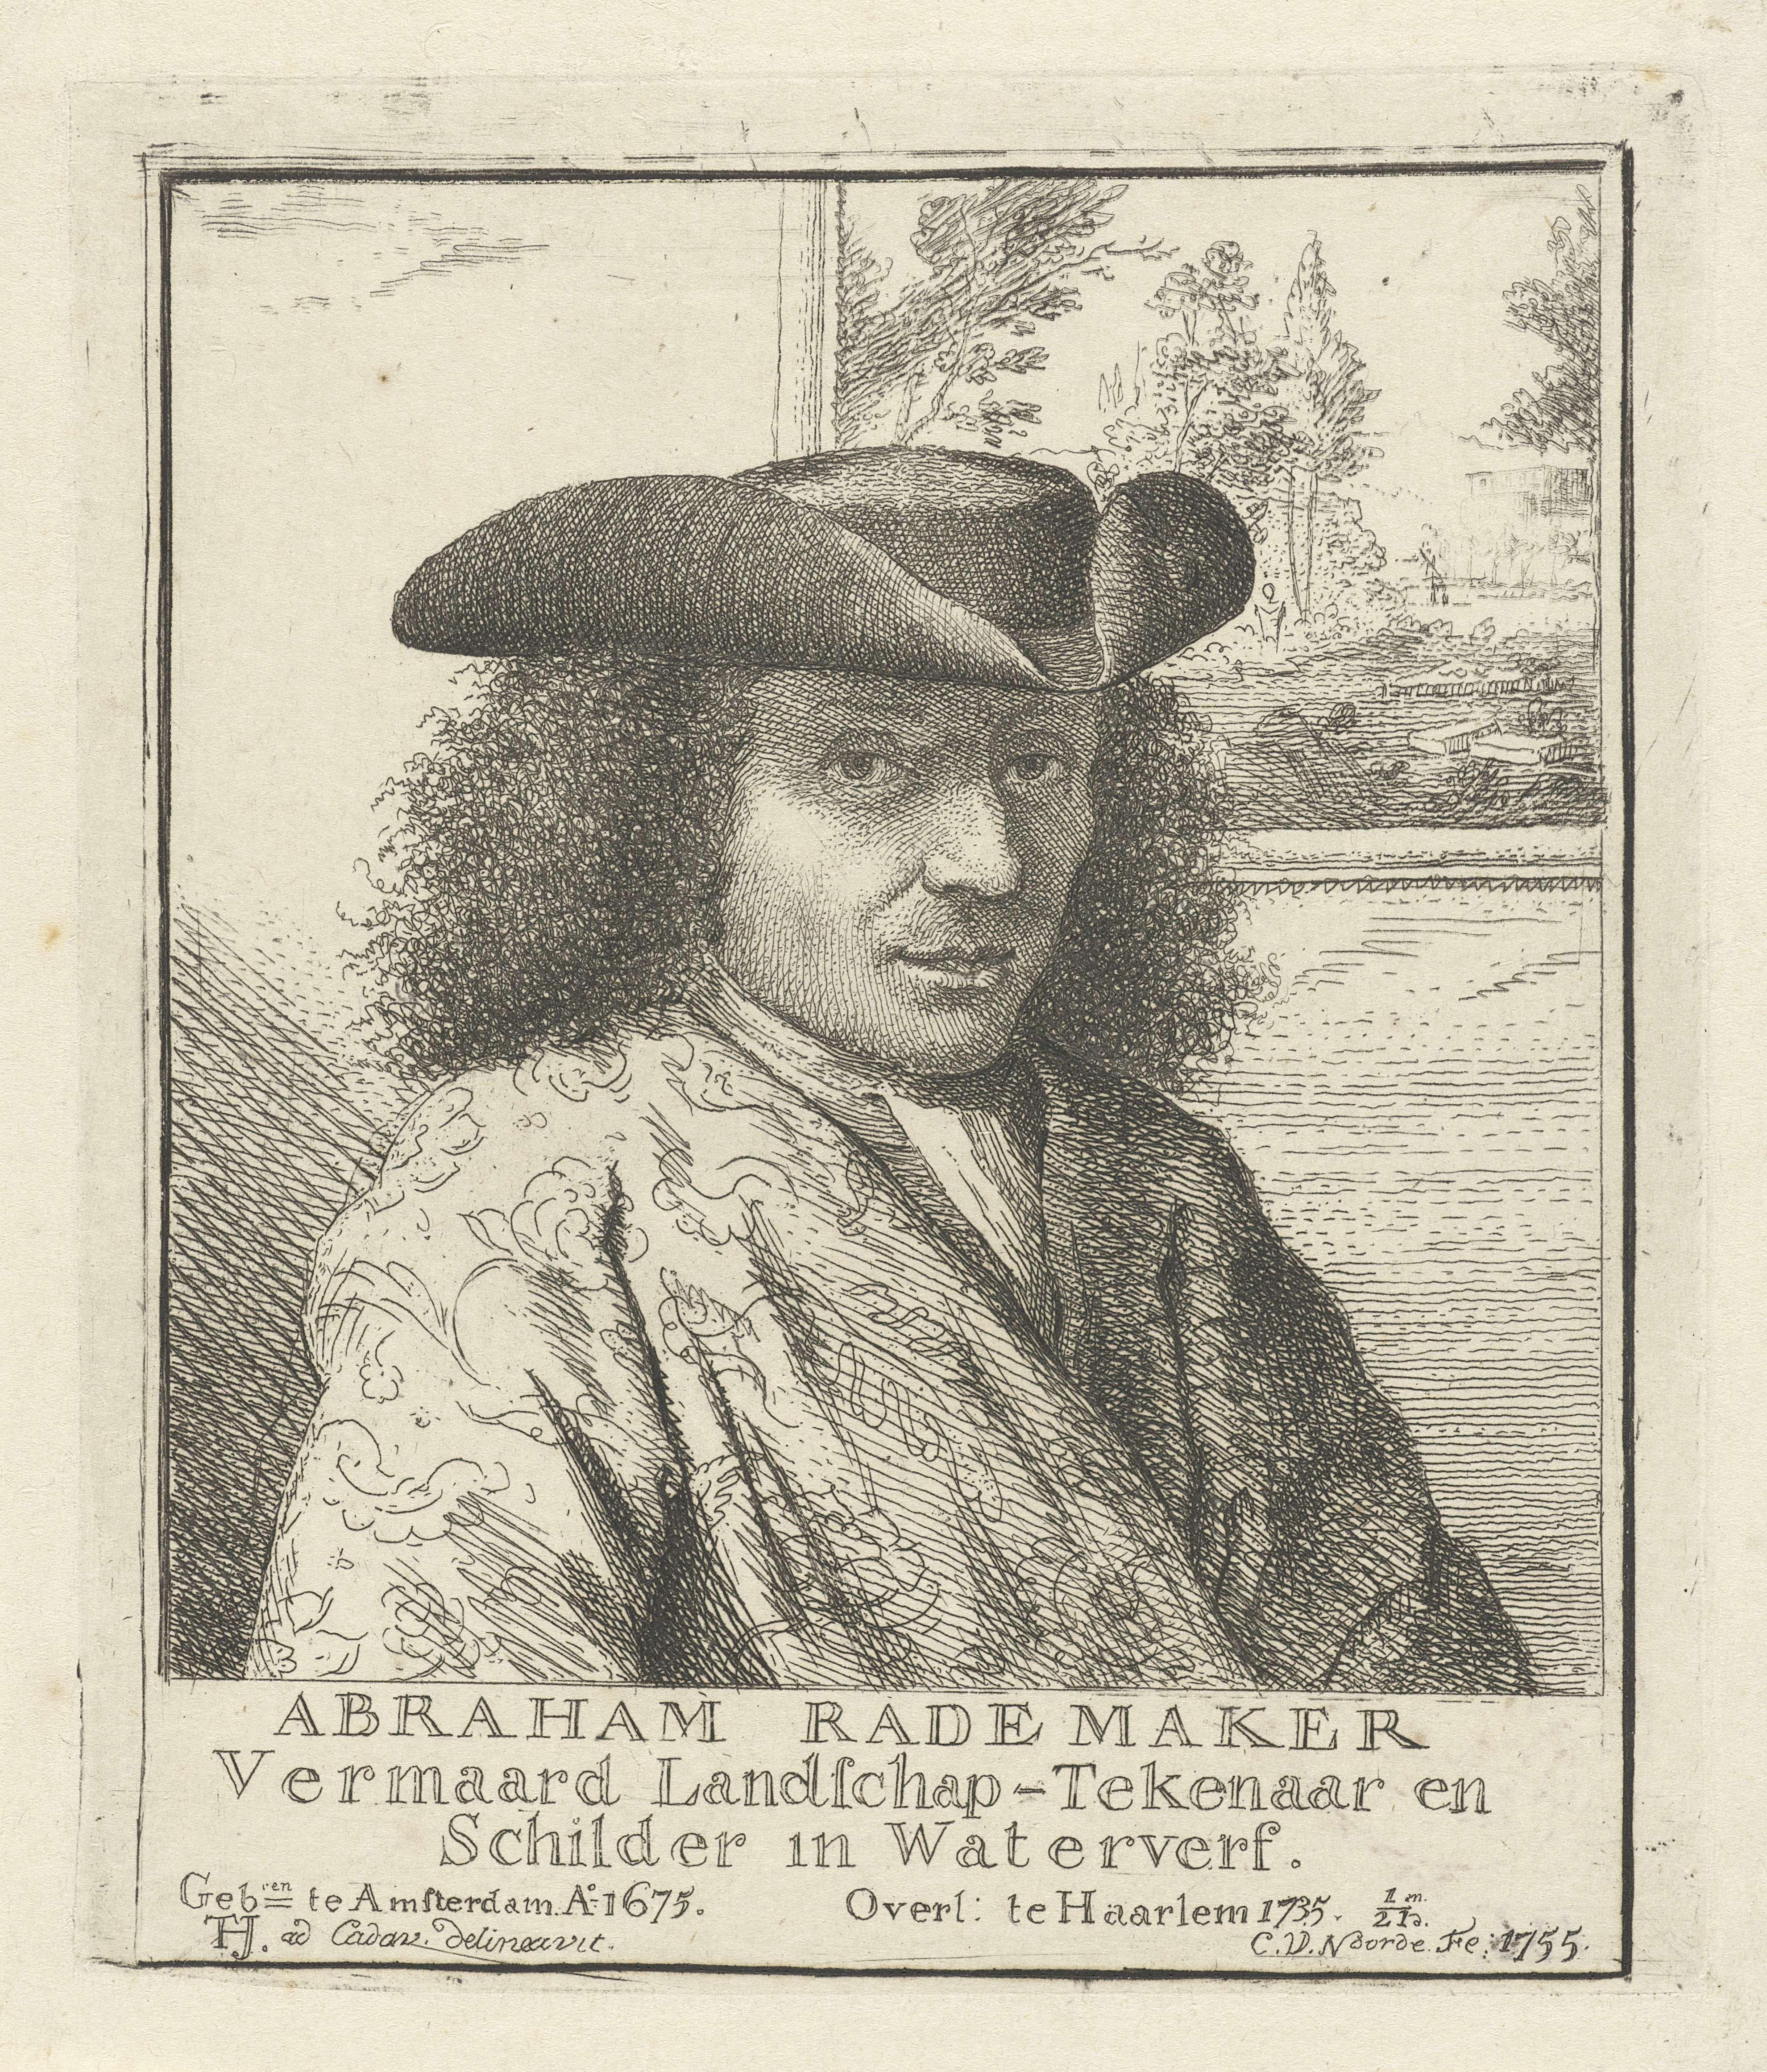 Cornelis van Noorde | Portret van Abraham Rademaker, Cornelis van Noorde, 1755 | Portret van kunstenaar Abraham Rademaker. Achter aan de muur hangt een schilderij van een landschap.